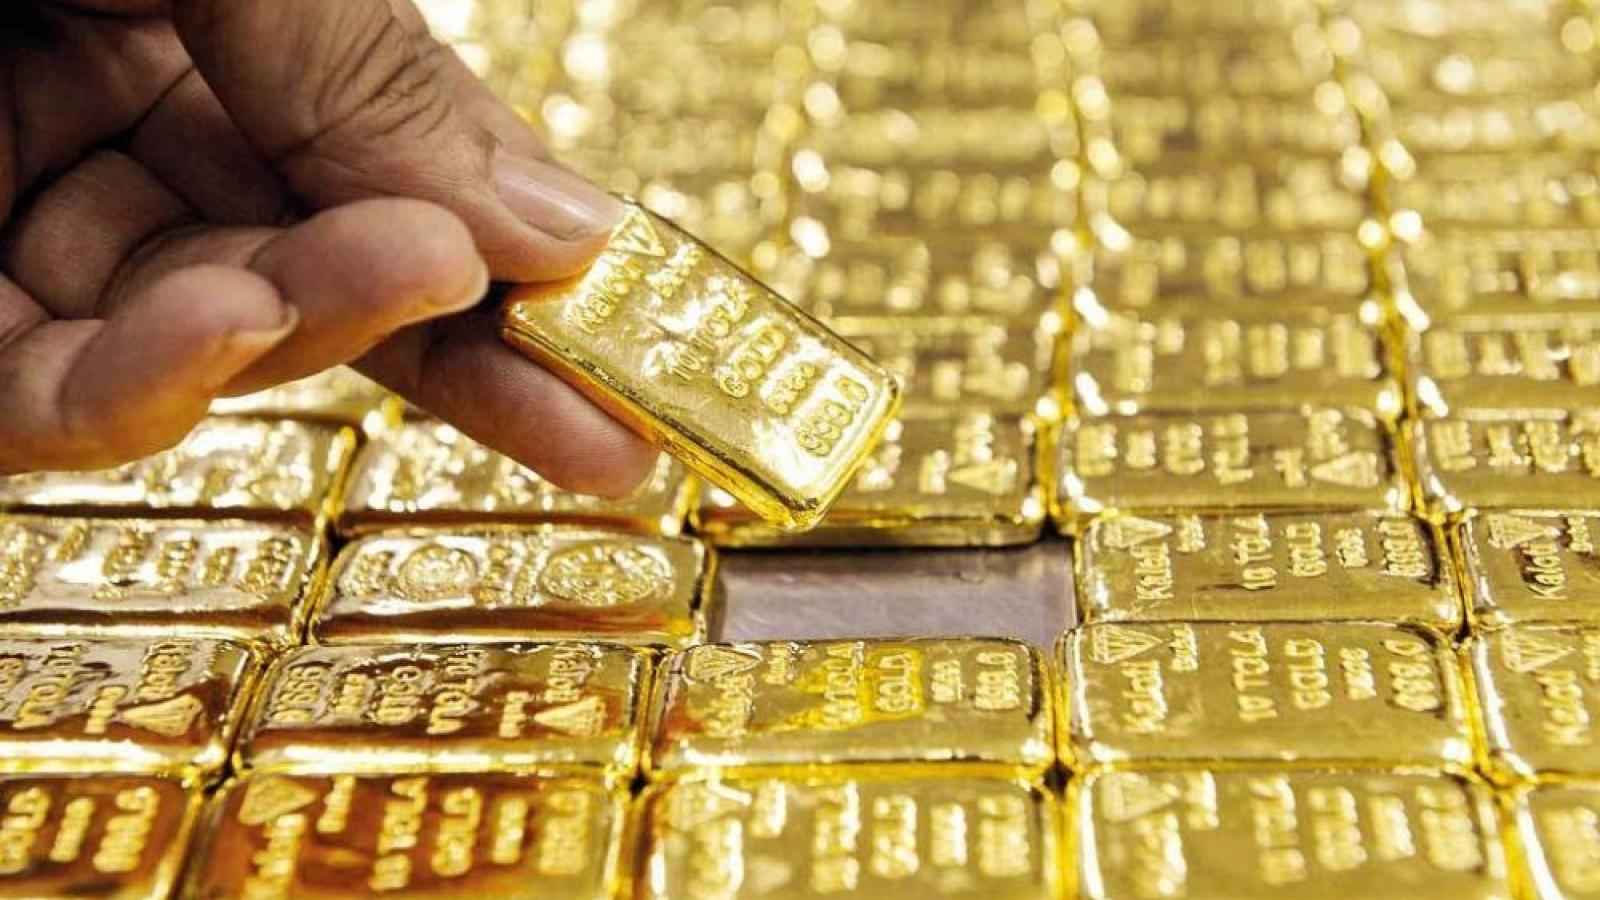 Giá vàng thế giới tăng nhẹ, nhưng vẫn thấp hơn giá vàng SJC khoảng 6,8 triệu đồng/lượng